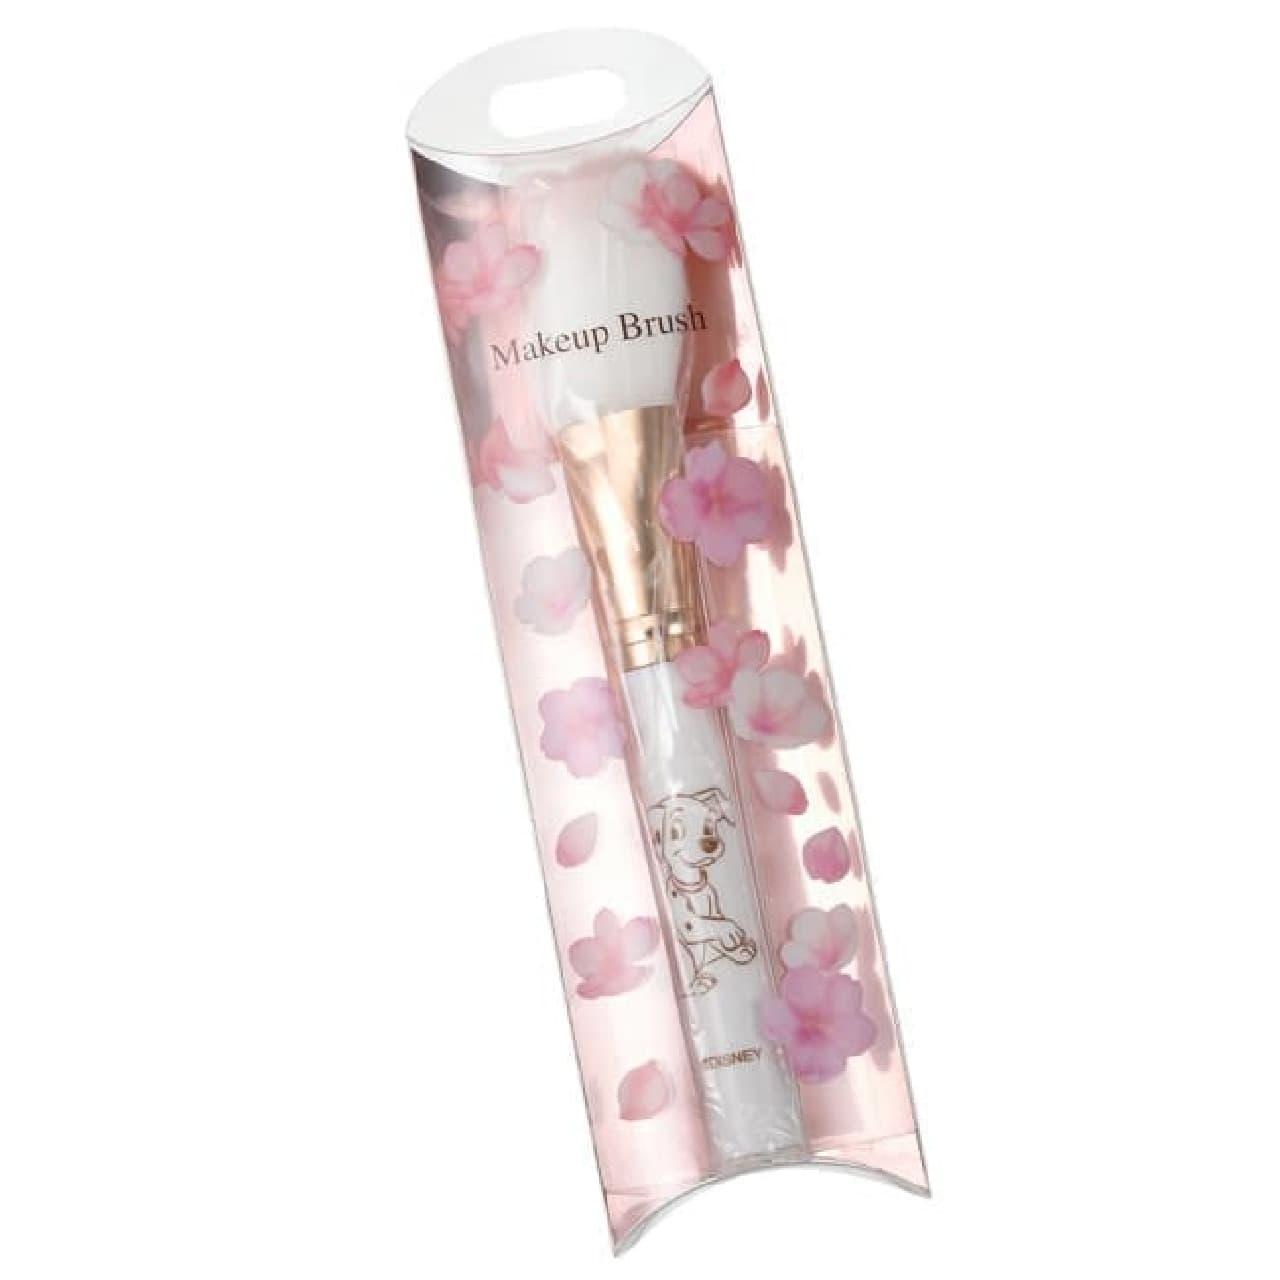 桜色のコスメ「SAKURA COSME」がディズニーストアに--「バンビ」や「ダンボ」のイラスト付き